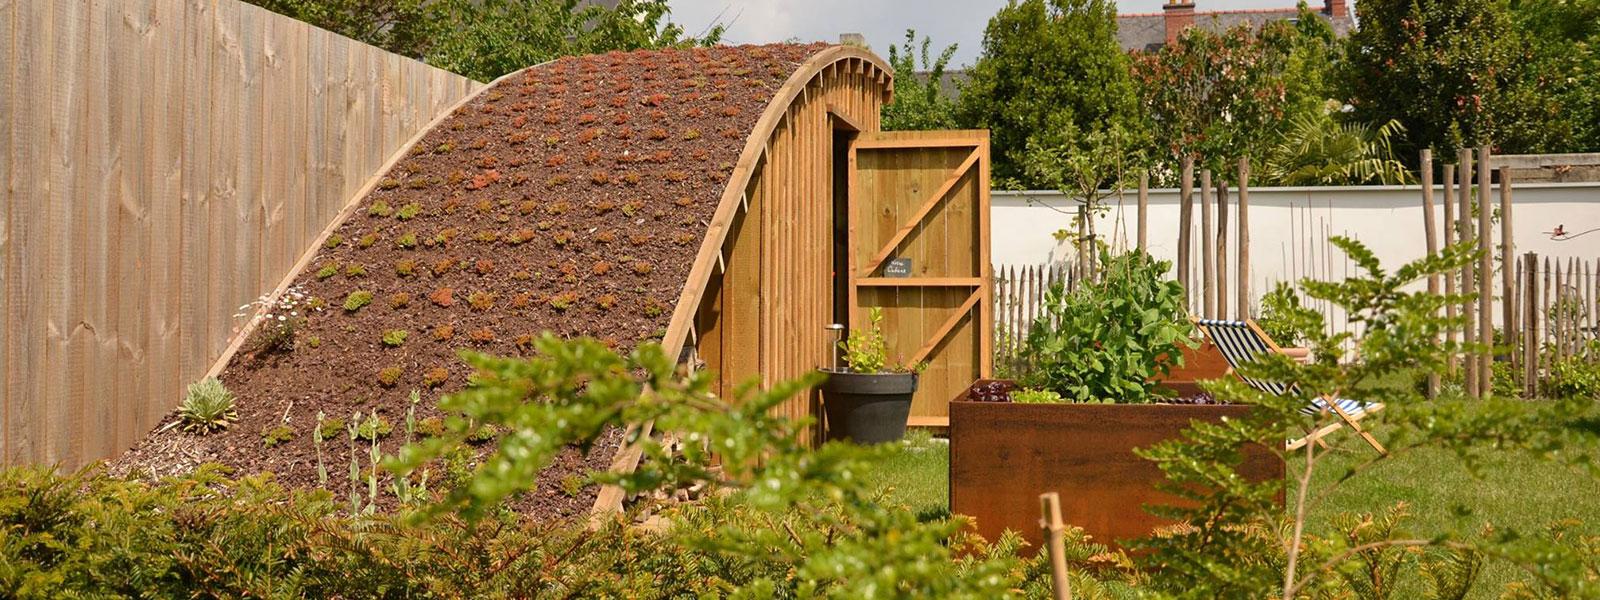 Jardin de ville rennes paysagiste les jardins d 39 hortense - De la piscine au jardin ...